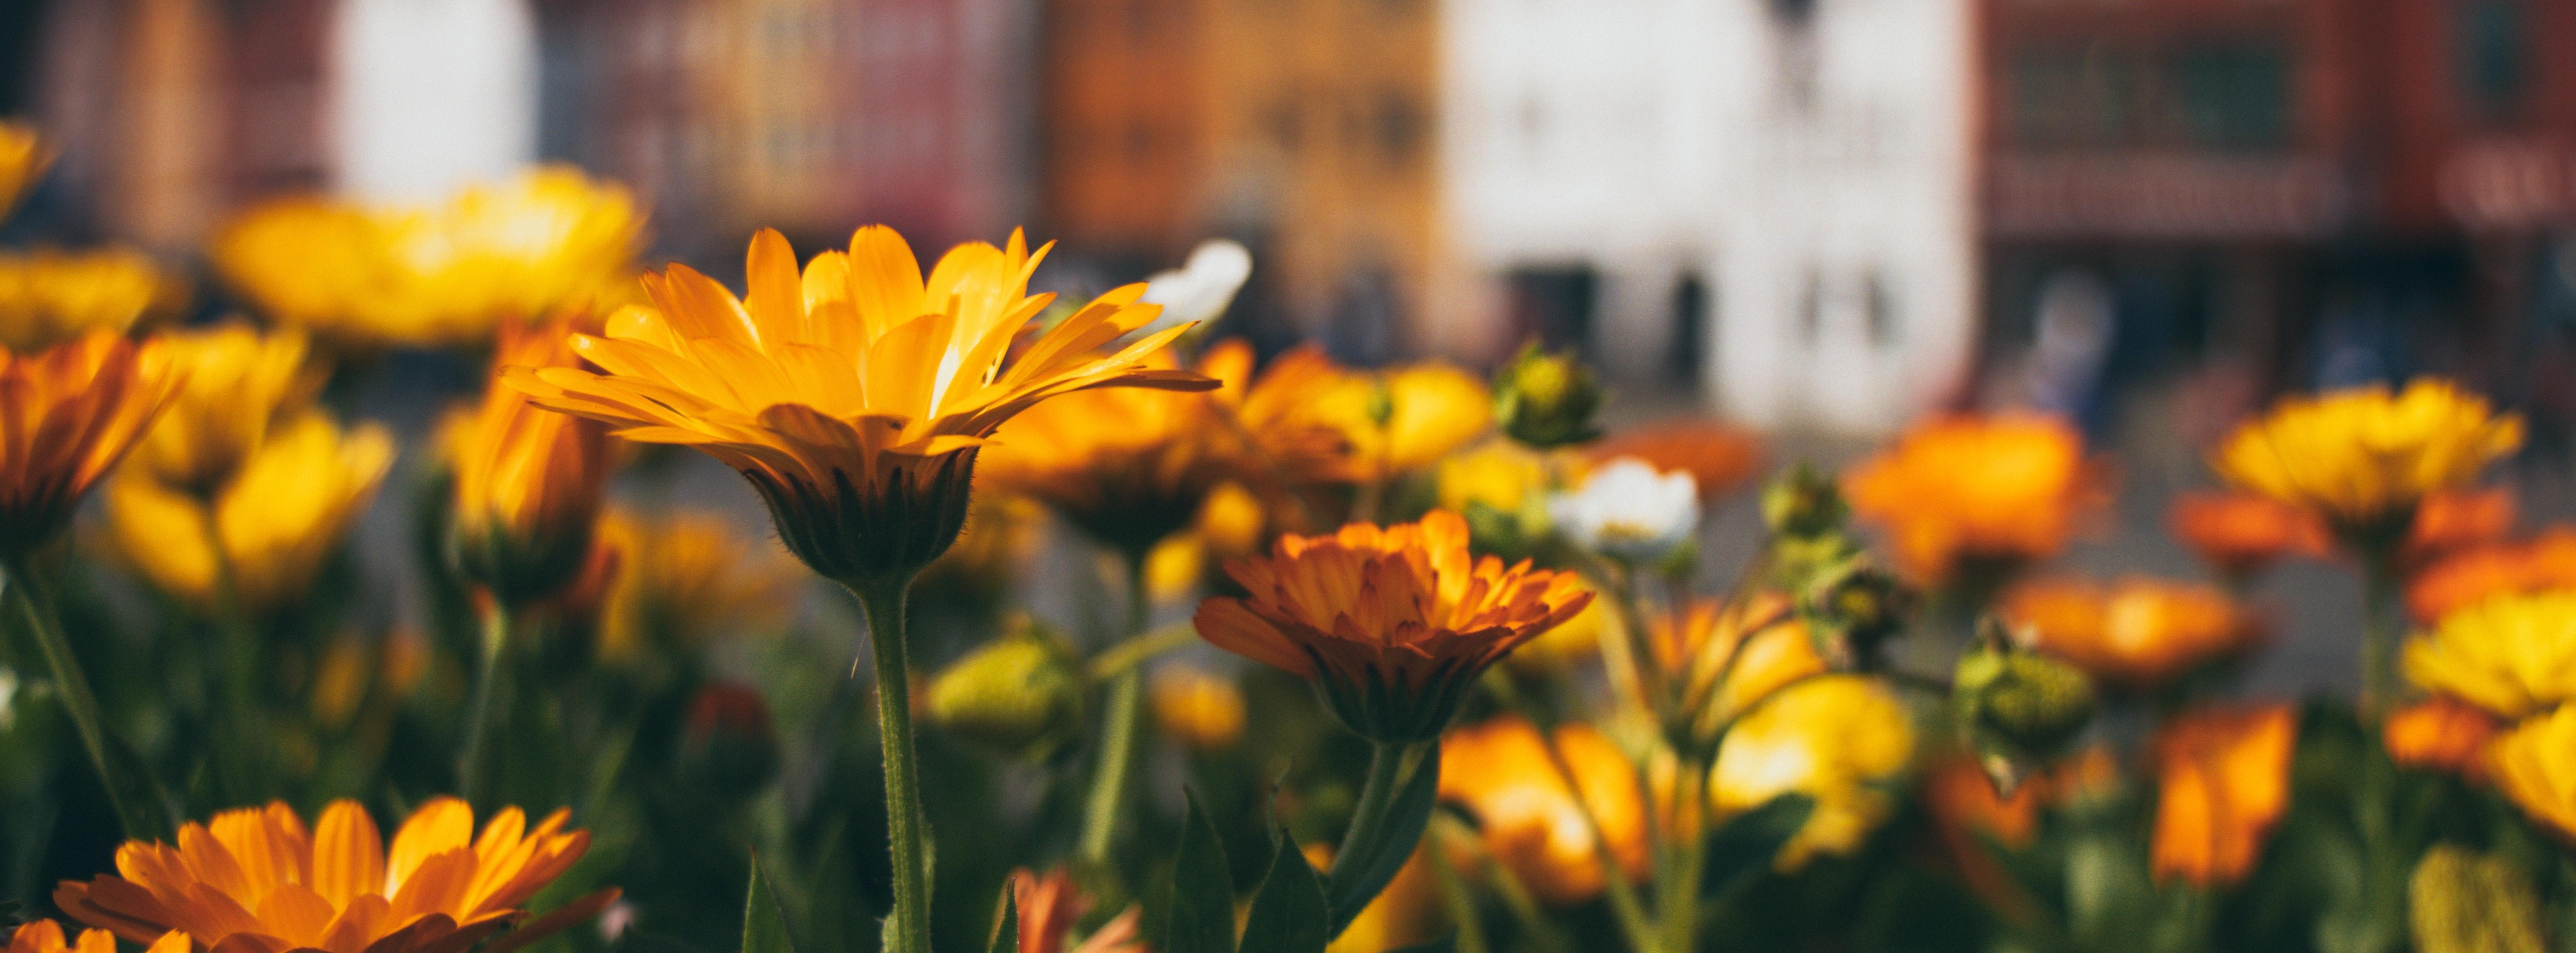 Żółte jesienne kwiaty.